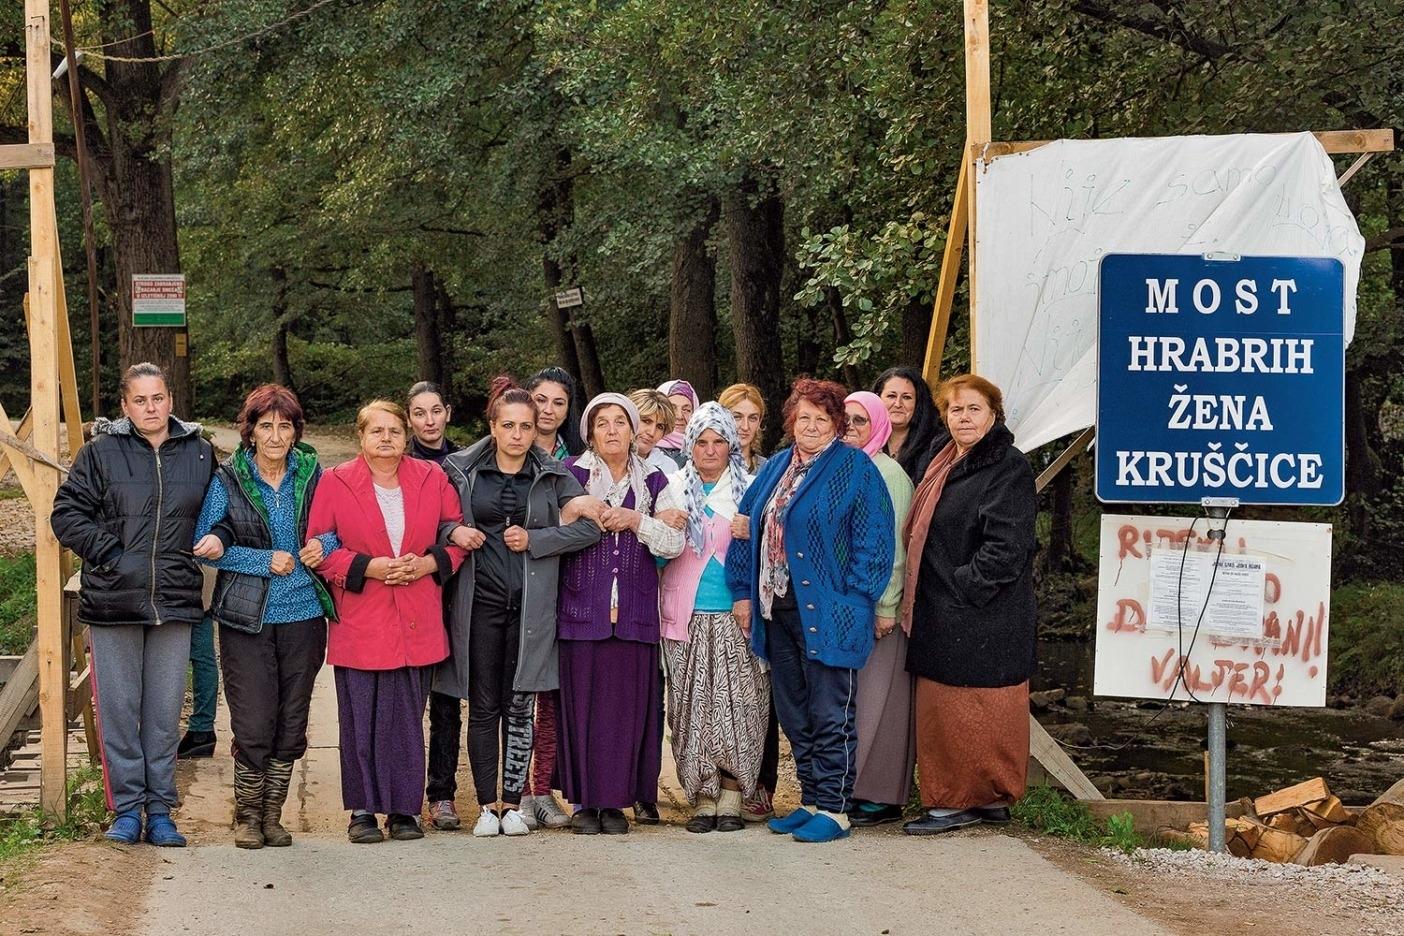 2017 年8 月3 日以来、彼女たちが拠点として抗議運動をつづけている「クルシュチツァ川の 勇敢な女性たちの橋」にて。Photo: Andrew Burr